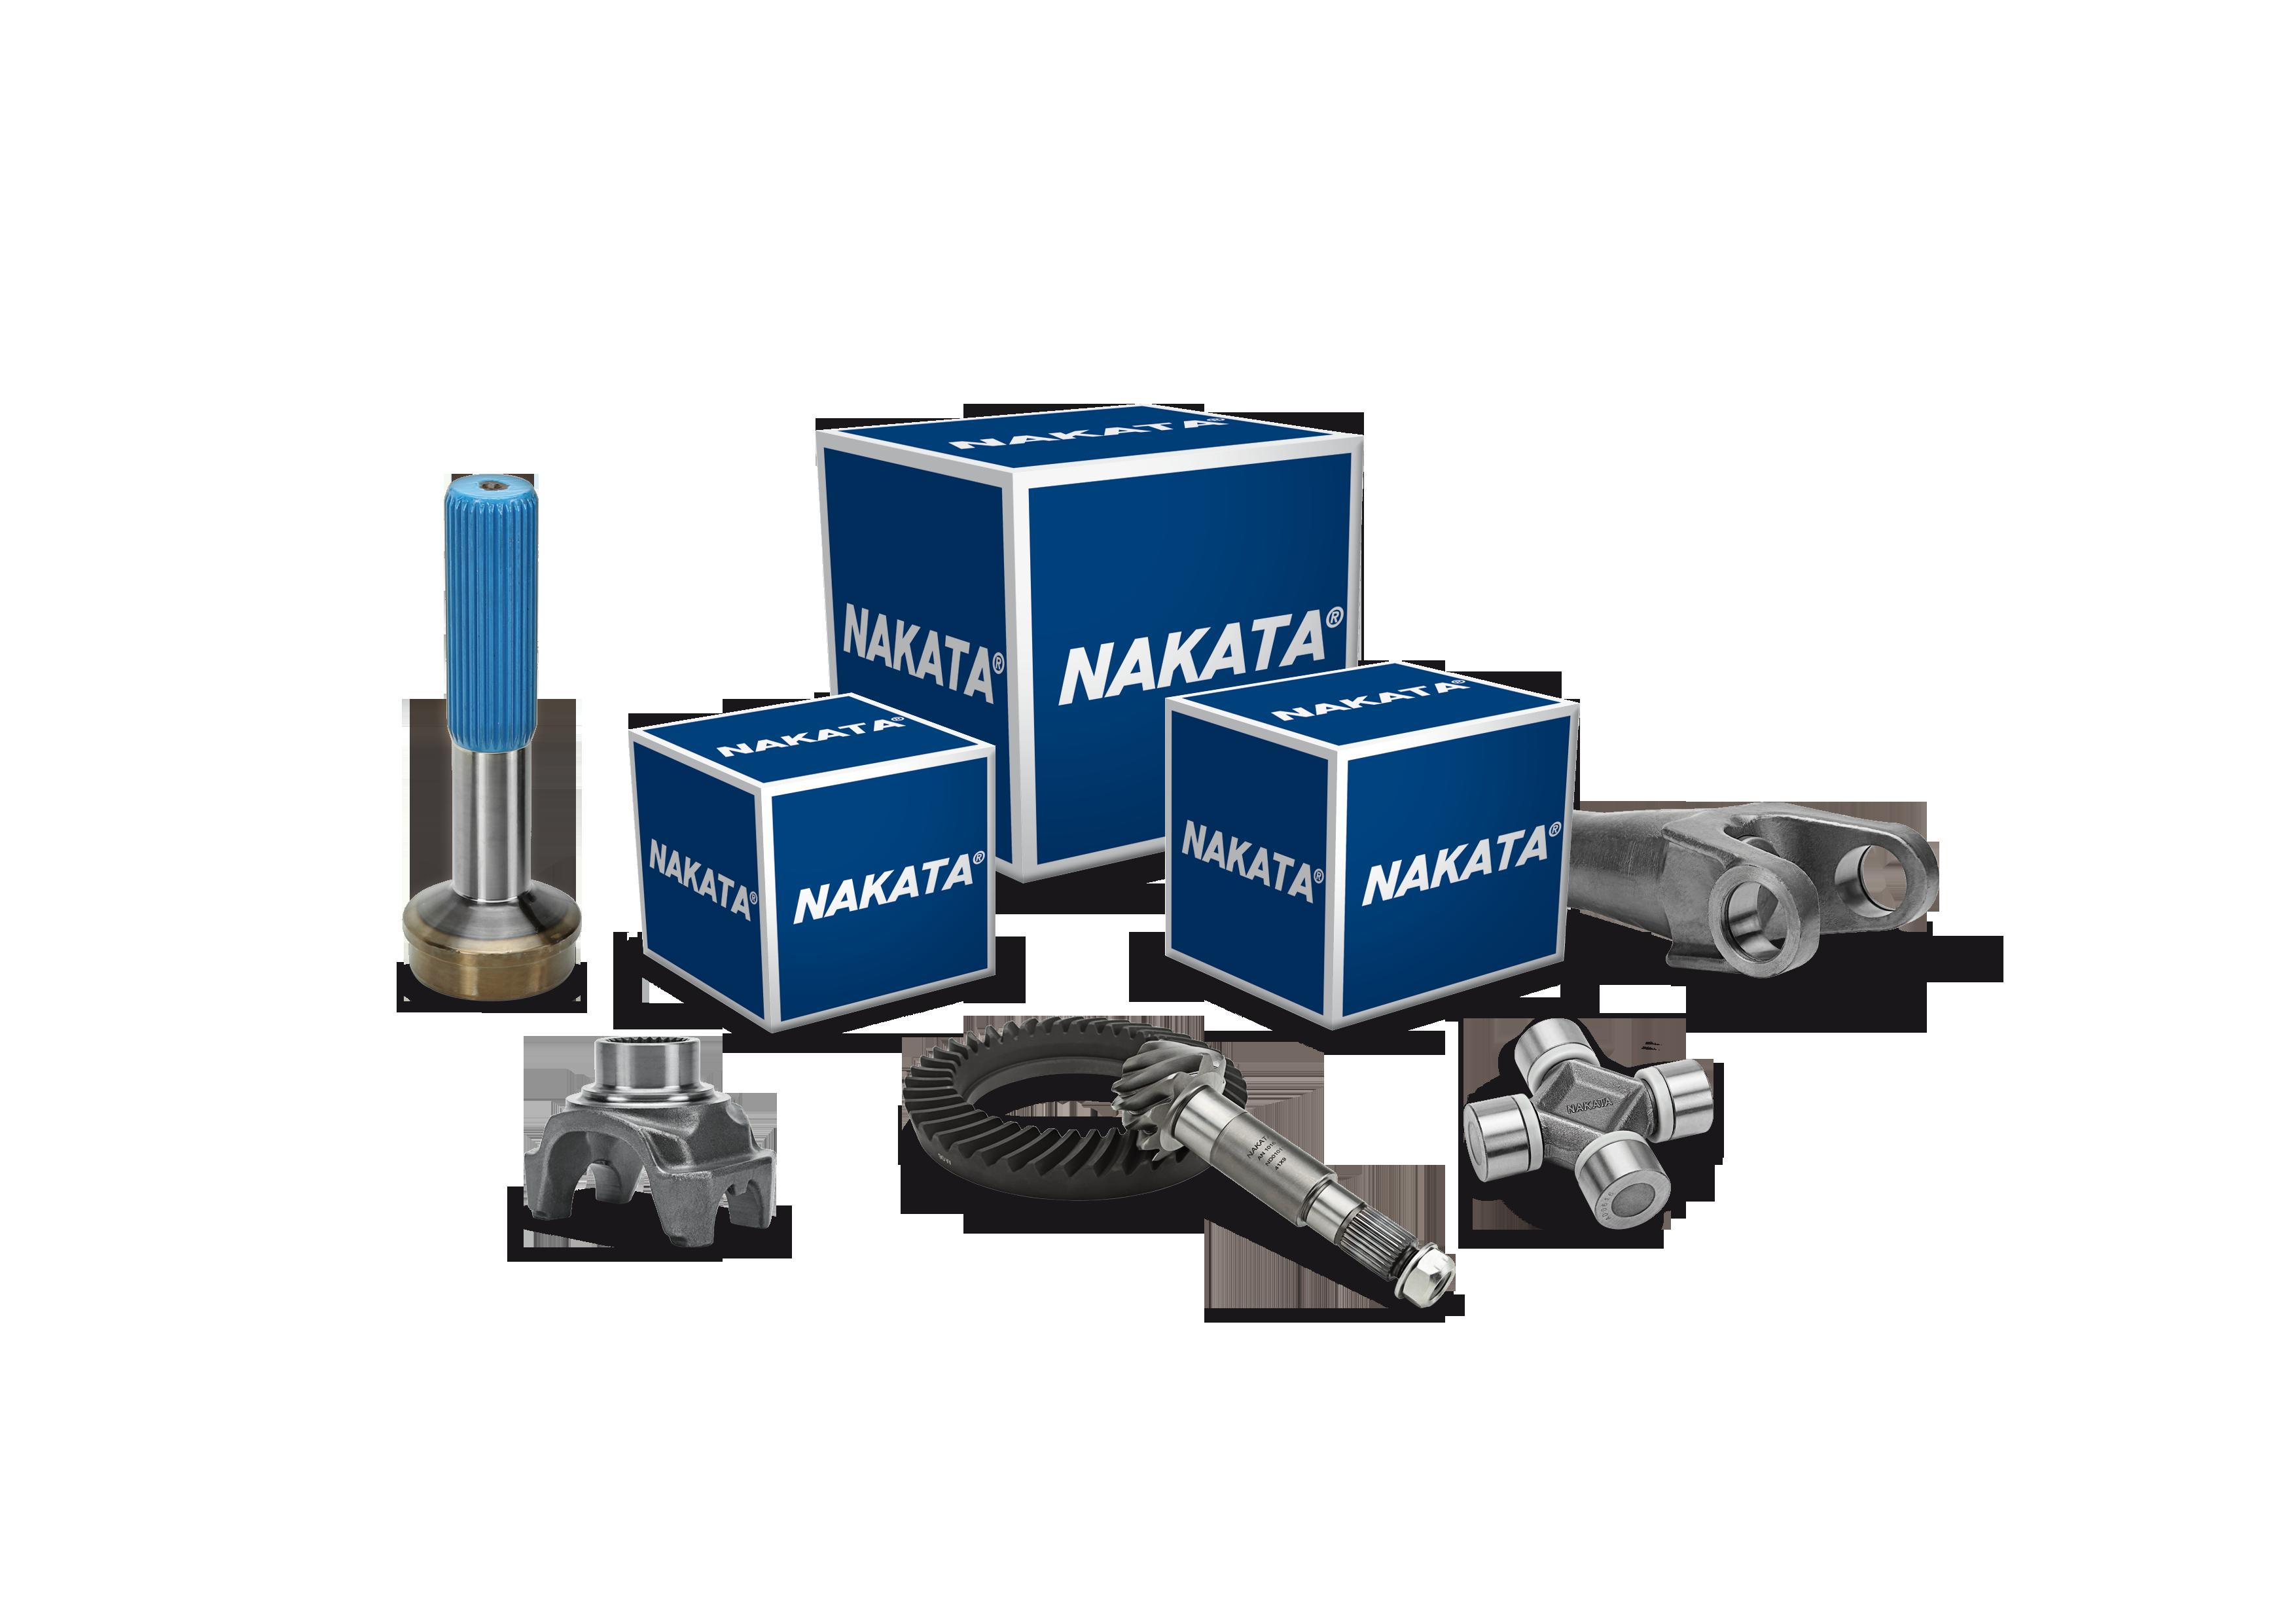 Nakata amplia atuação no segmento de pesados com as novas linhas de componentes de cardan e diferencial